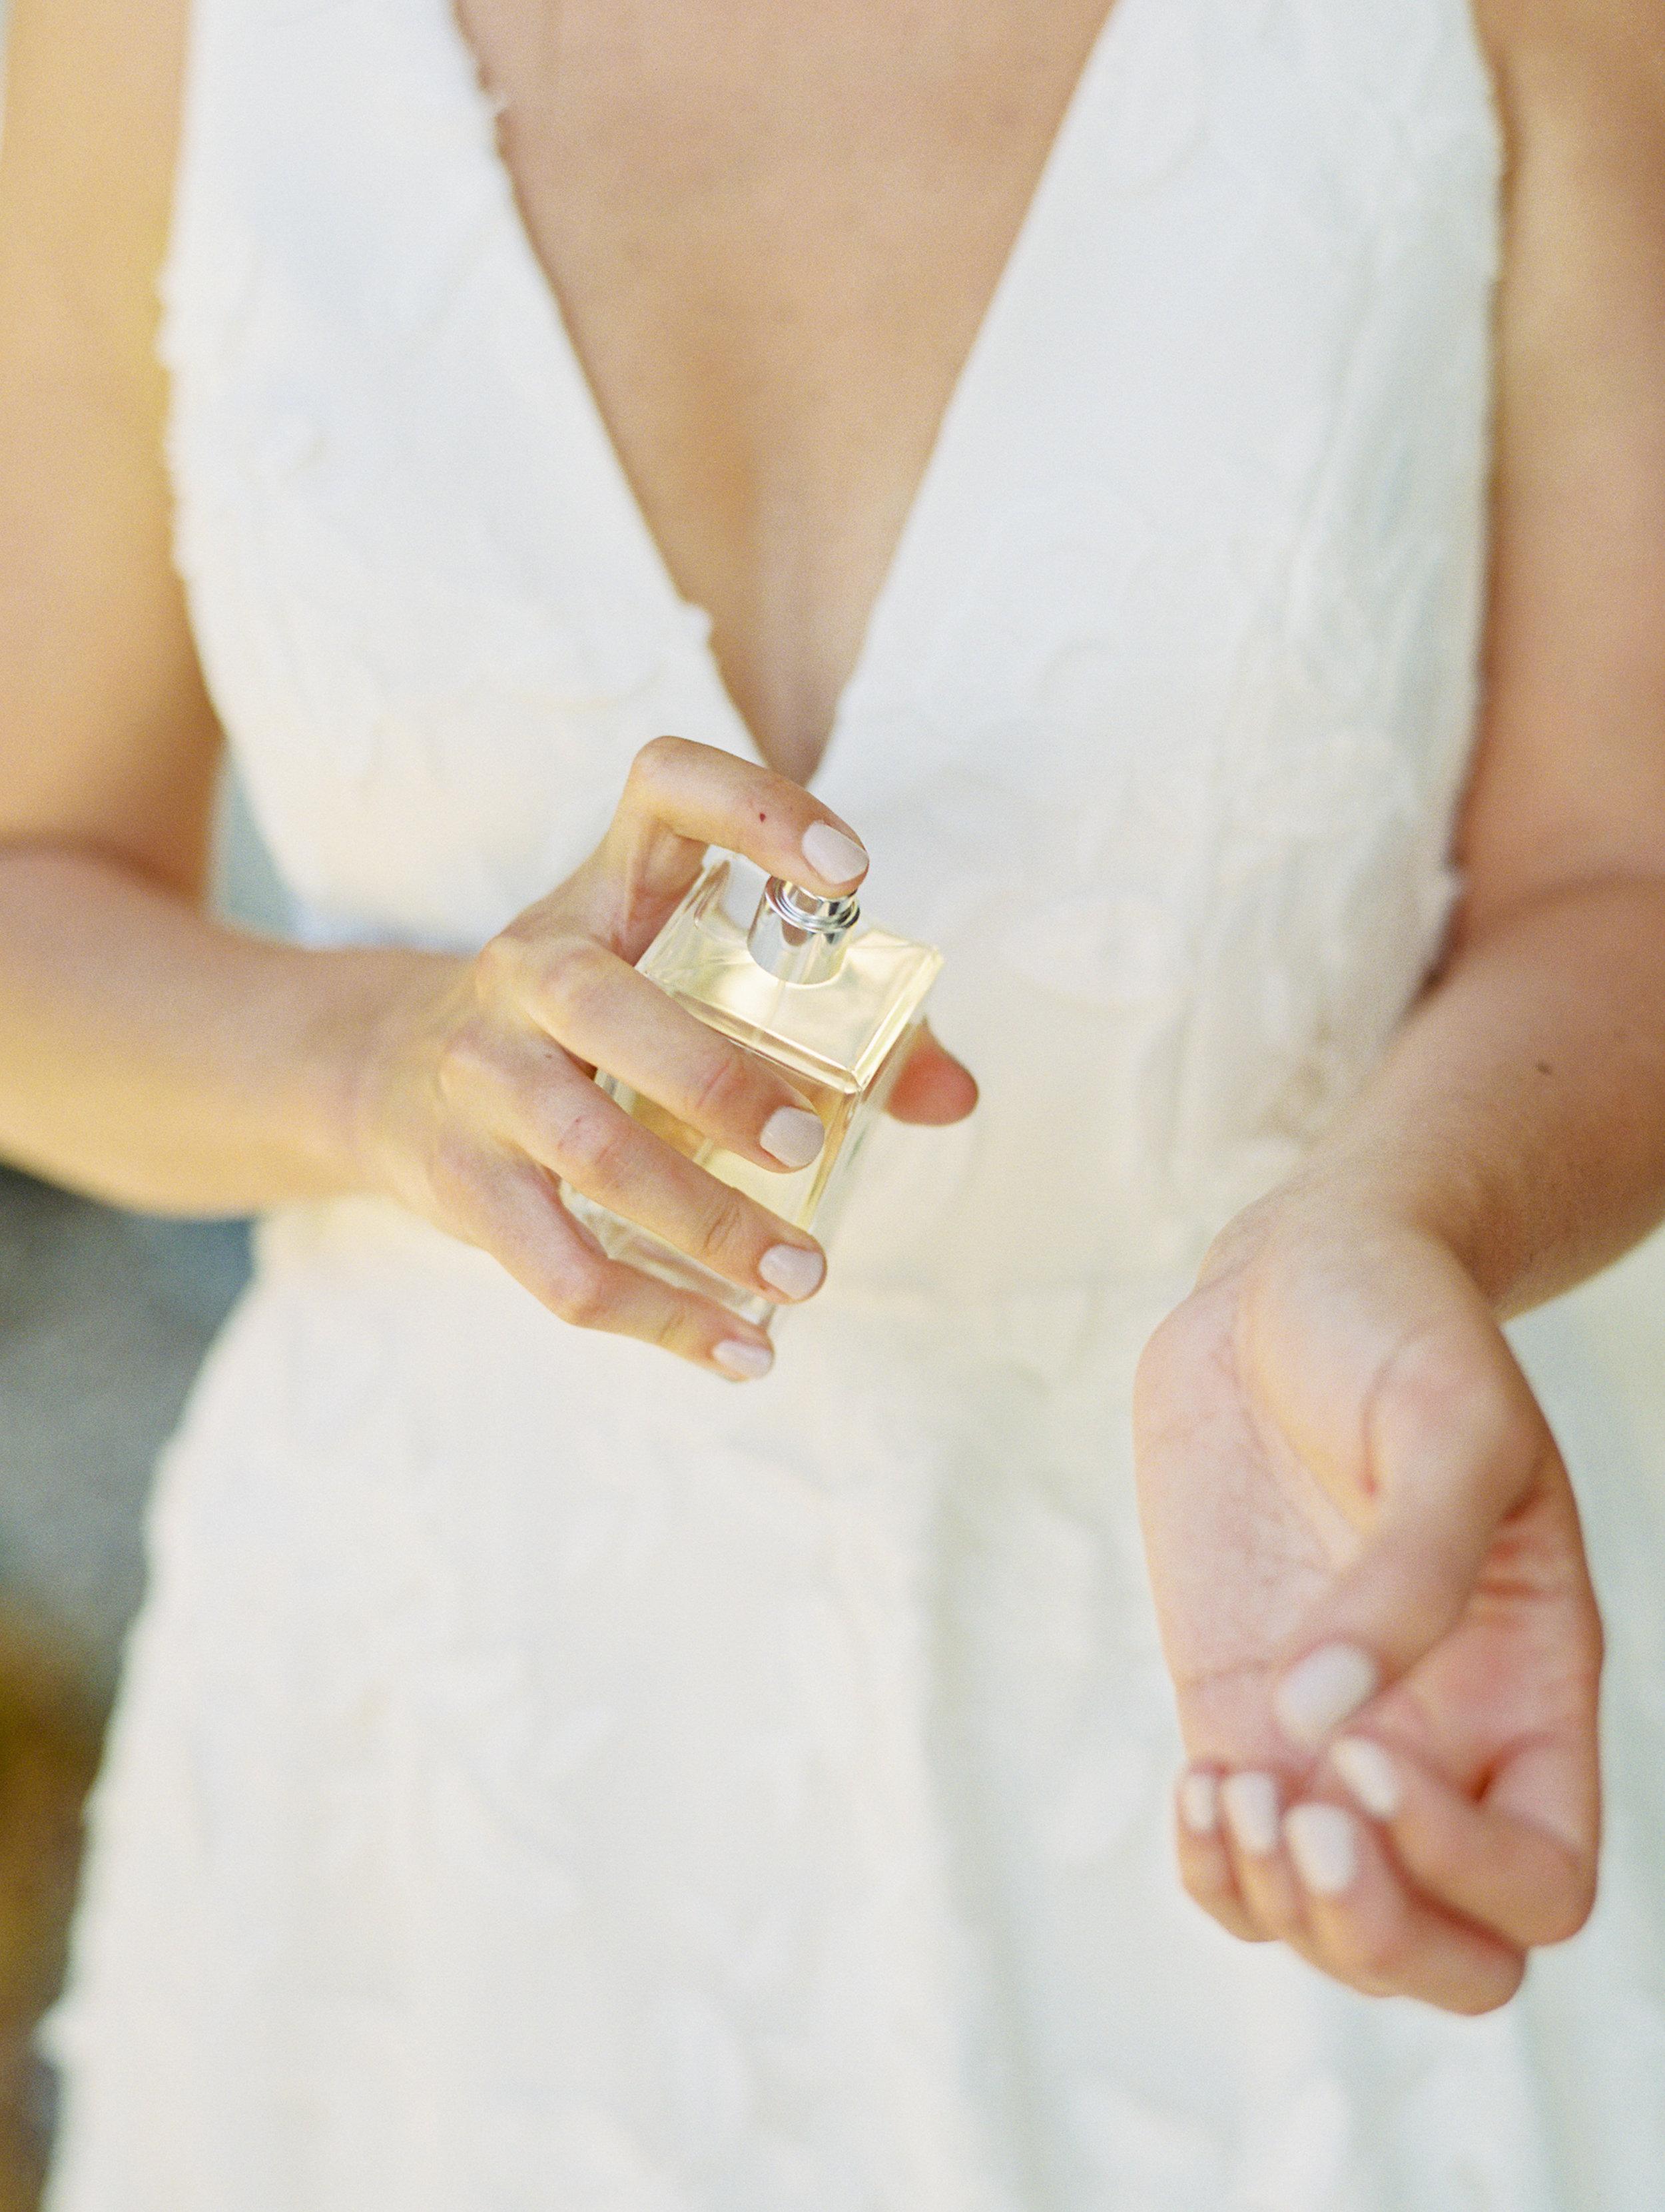 DeGuilio+Wedding+Girls+Getting+Readyf-15 copy.jpg